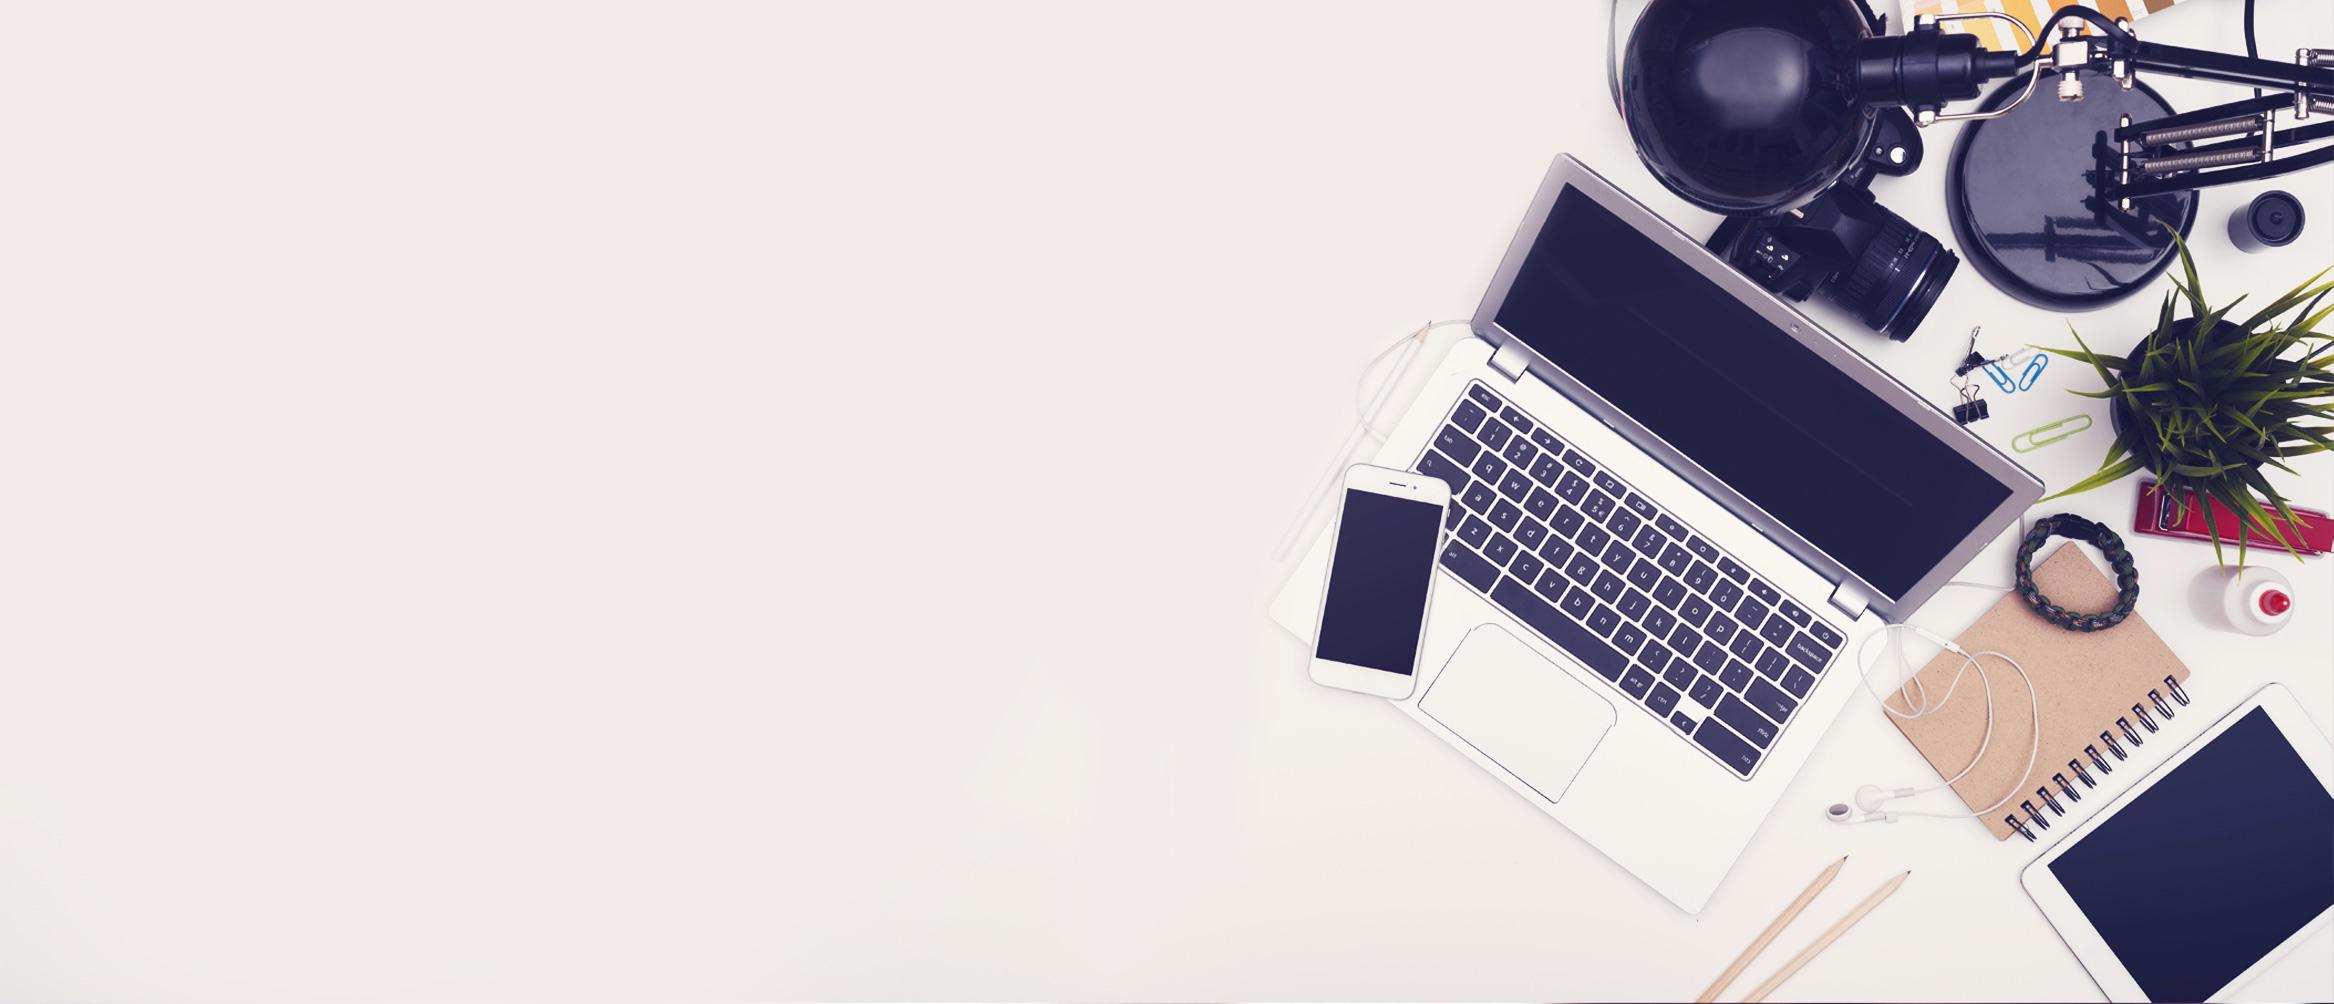 AdvantiPro ist eine Werbeagentur in Kaiserslautern und bietet Grafik und Webdesign an.